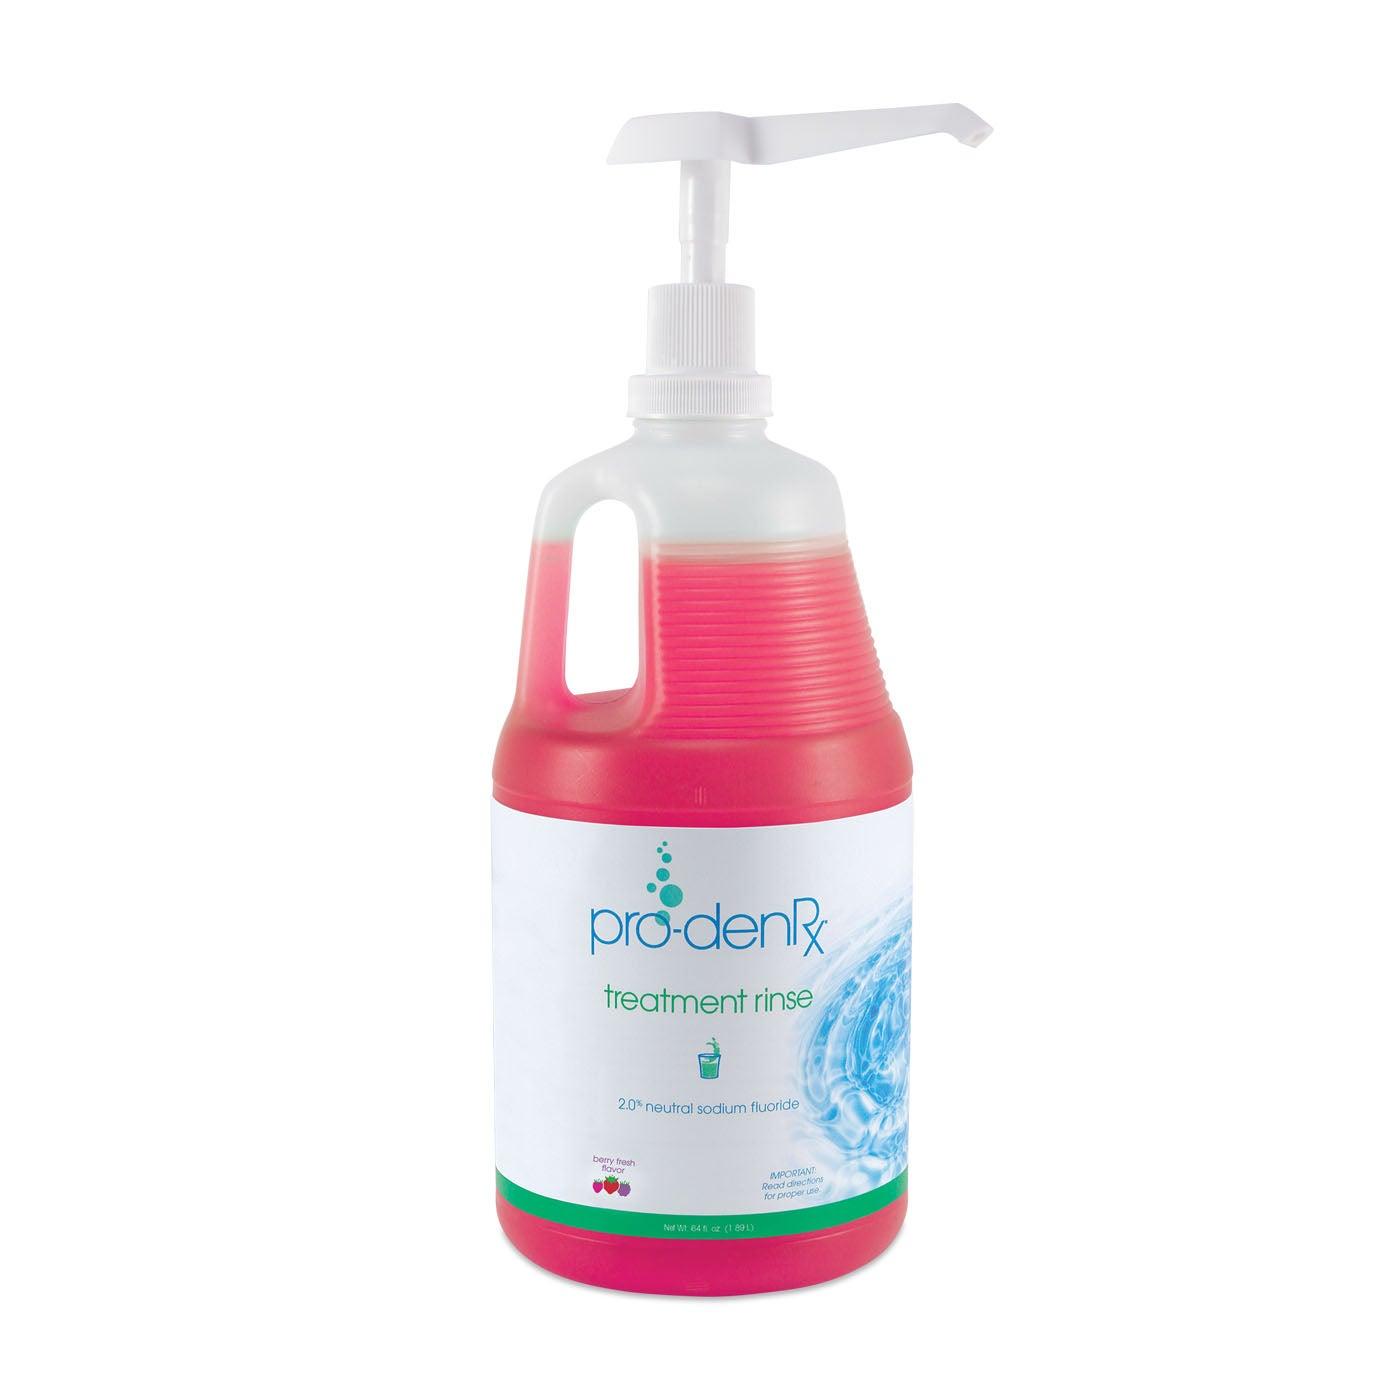 Pro-DenRx - Prescription Fluoride Rinse - 2% - 64 OZ - Berry